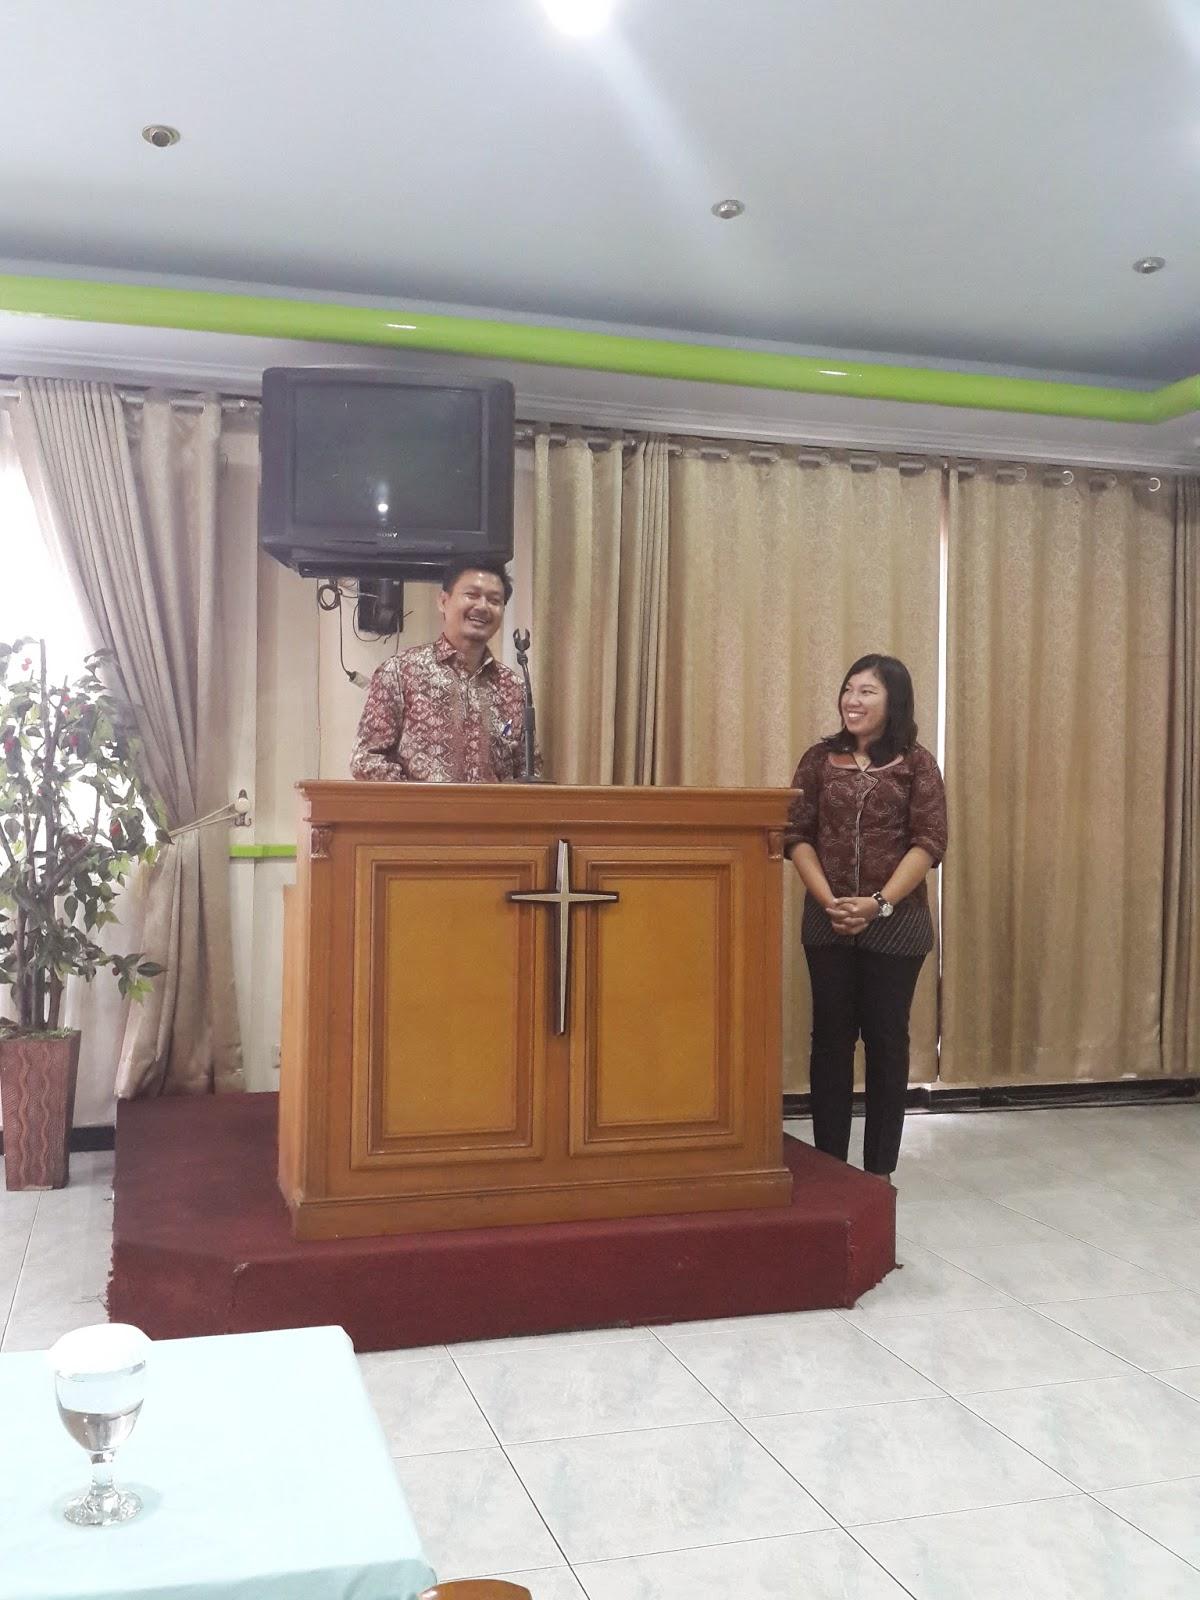 Oikumene Djp Palembang Februari 2015 - Perkawinan Oikumene, Acara Pemberkatan Nikah Yoseph Gereja Toraja Jemaat Bandung Facebook